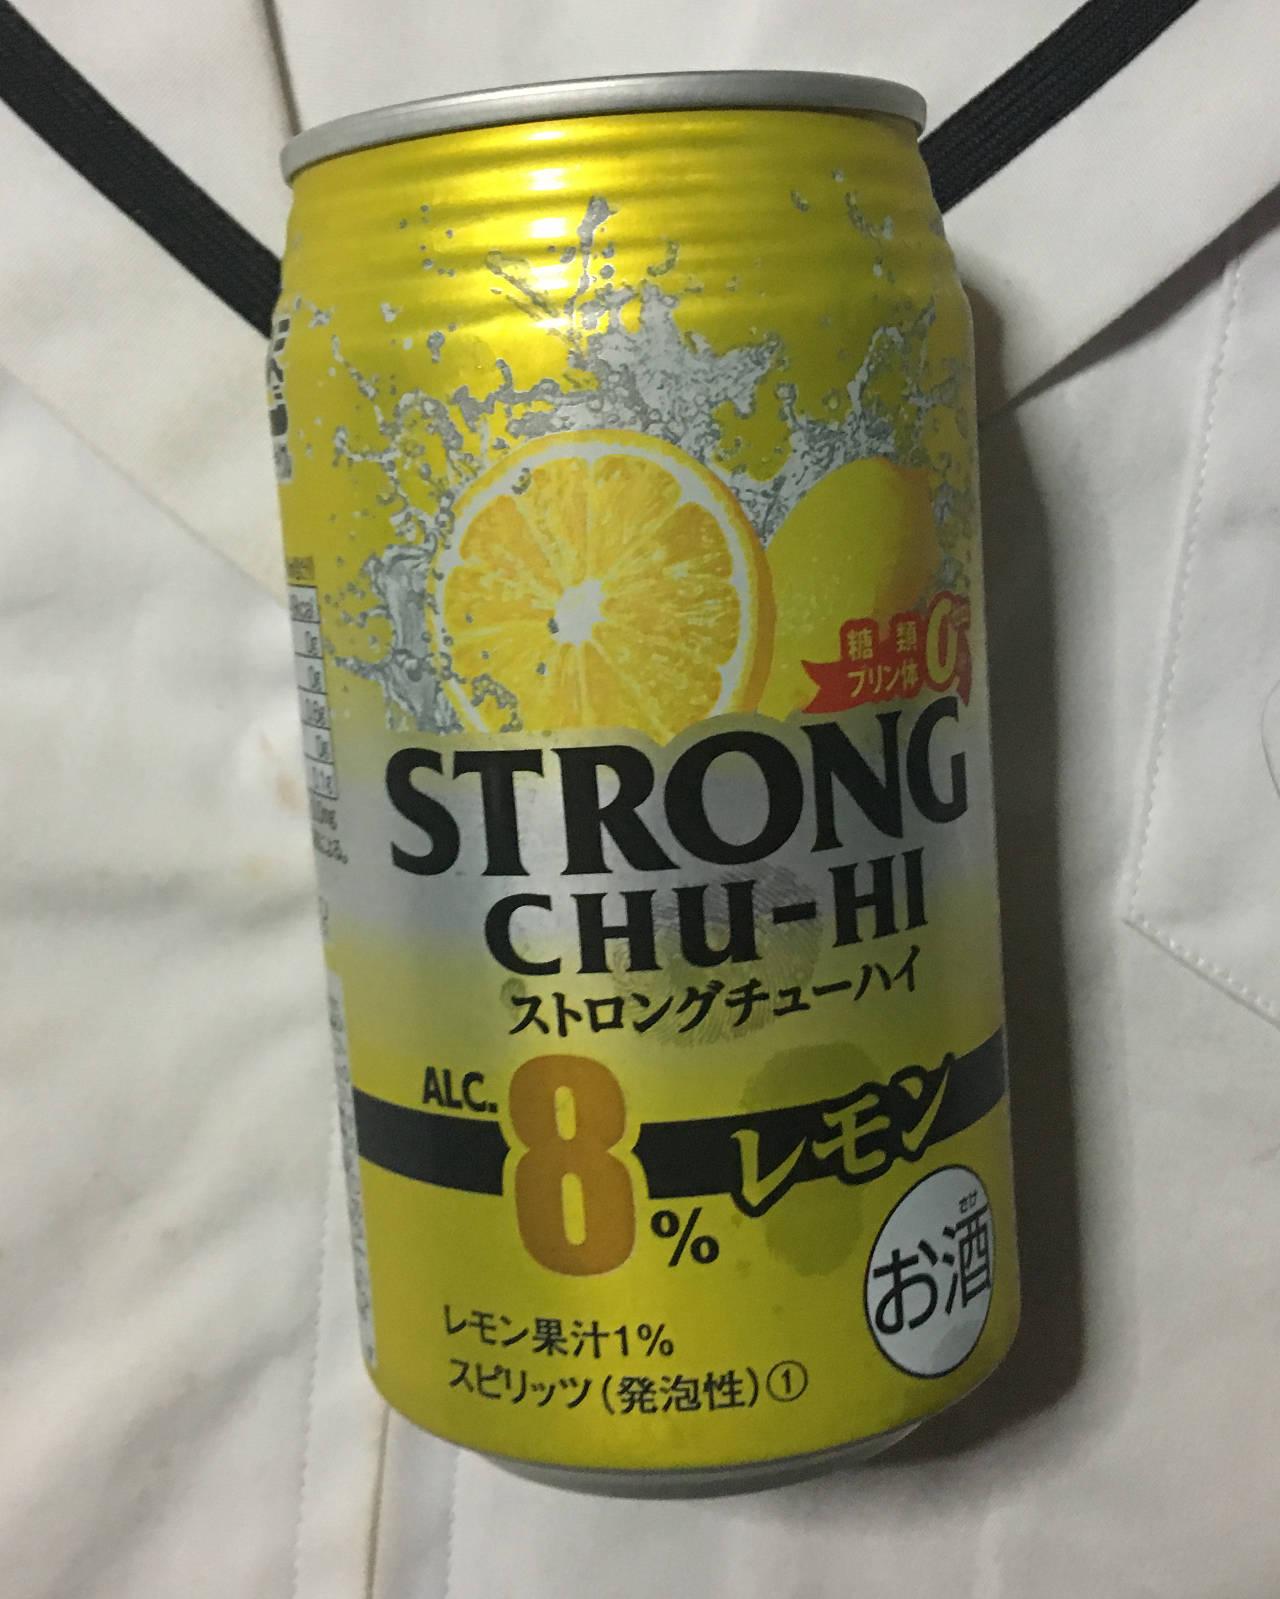 ストロングチューハイ レモン350ml(まいばすけっとで購入)